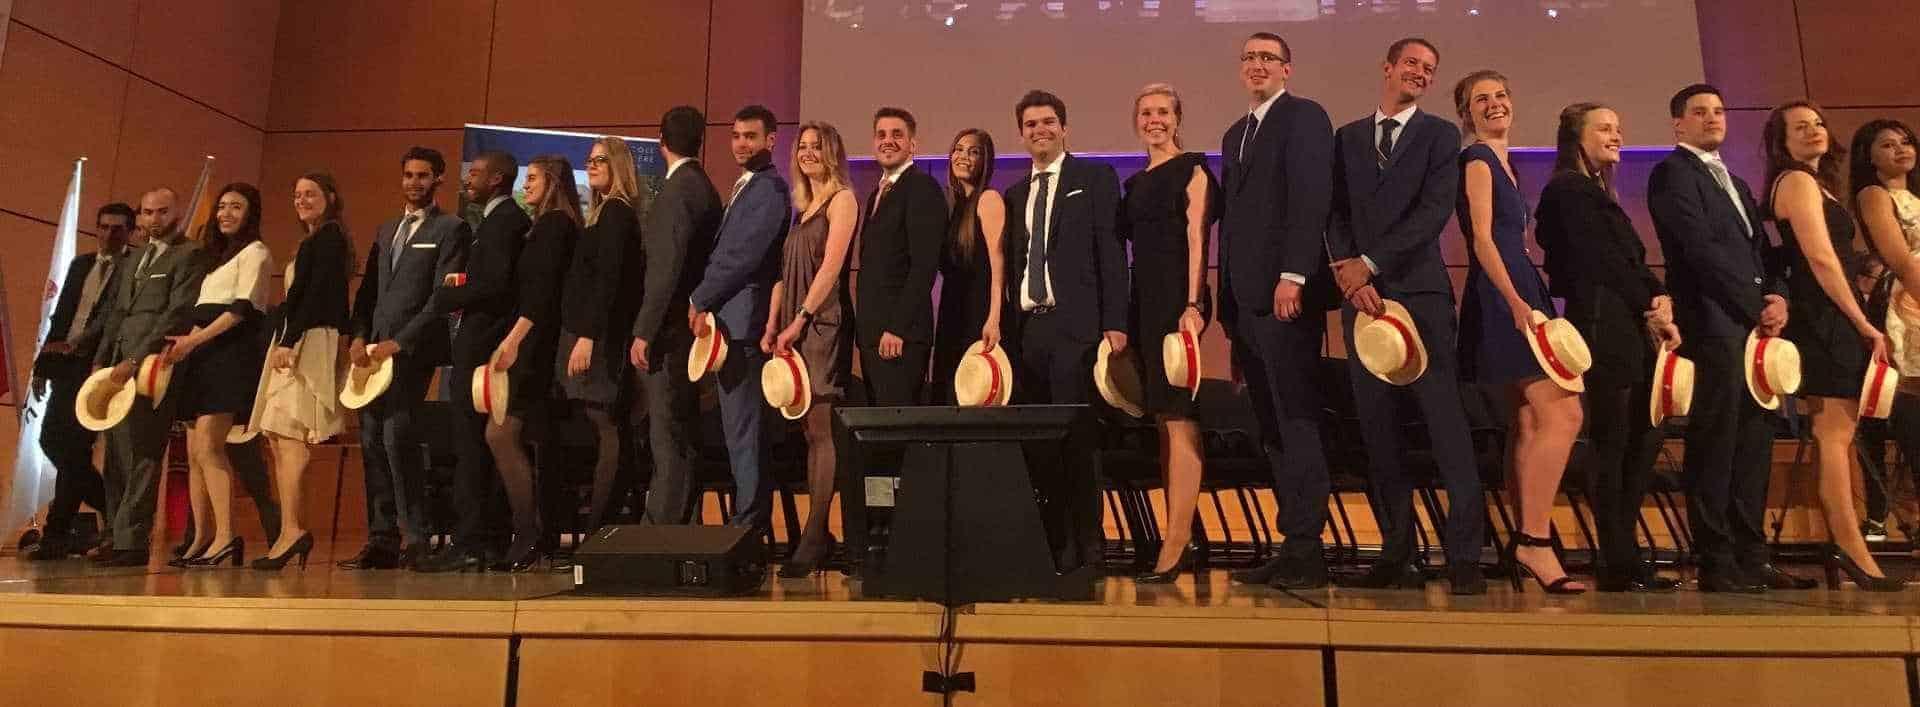 Cérémonie de remise des diplomes aux alumni de l'ecole hotelière de Geneve